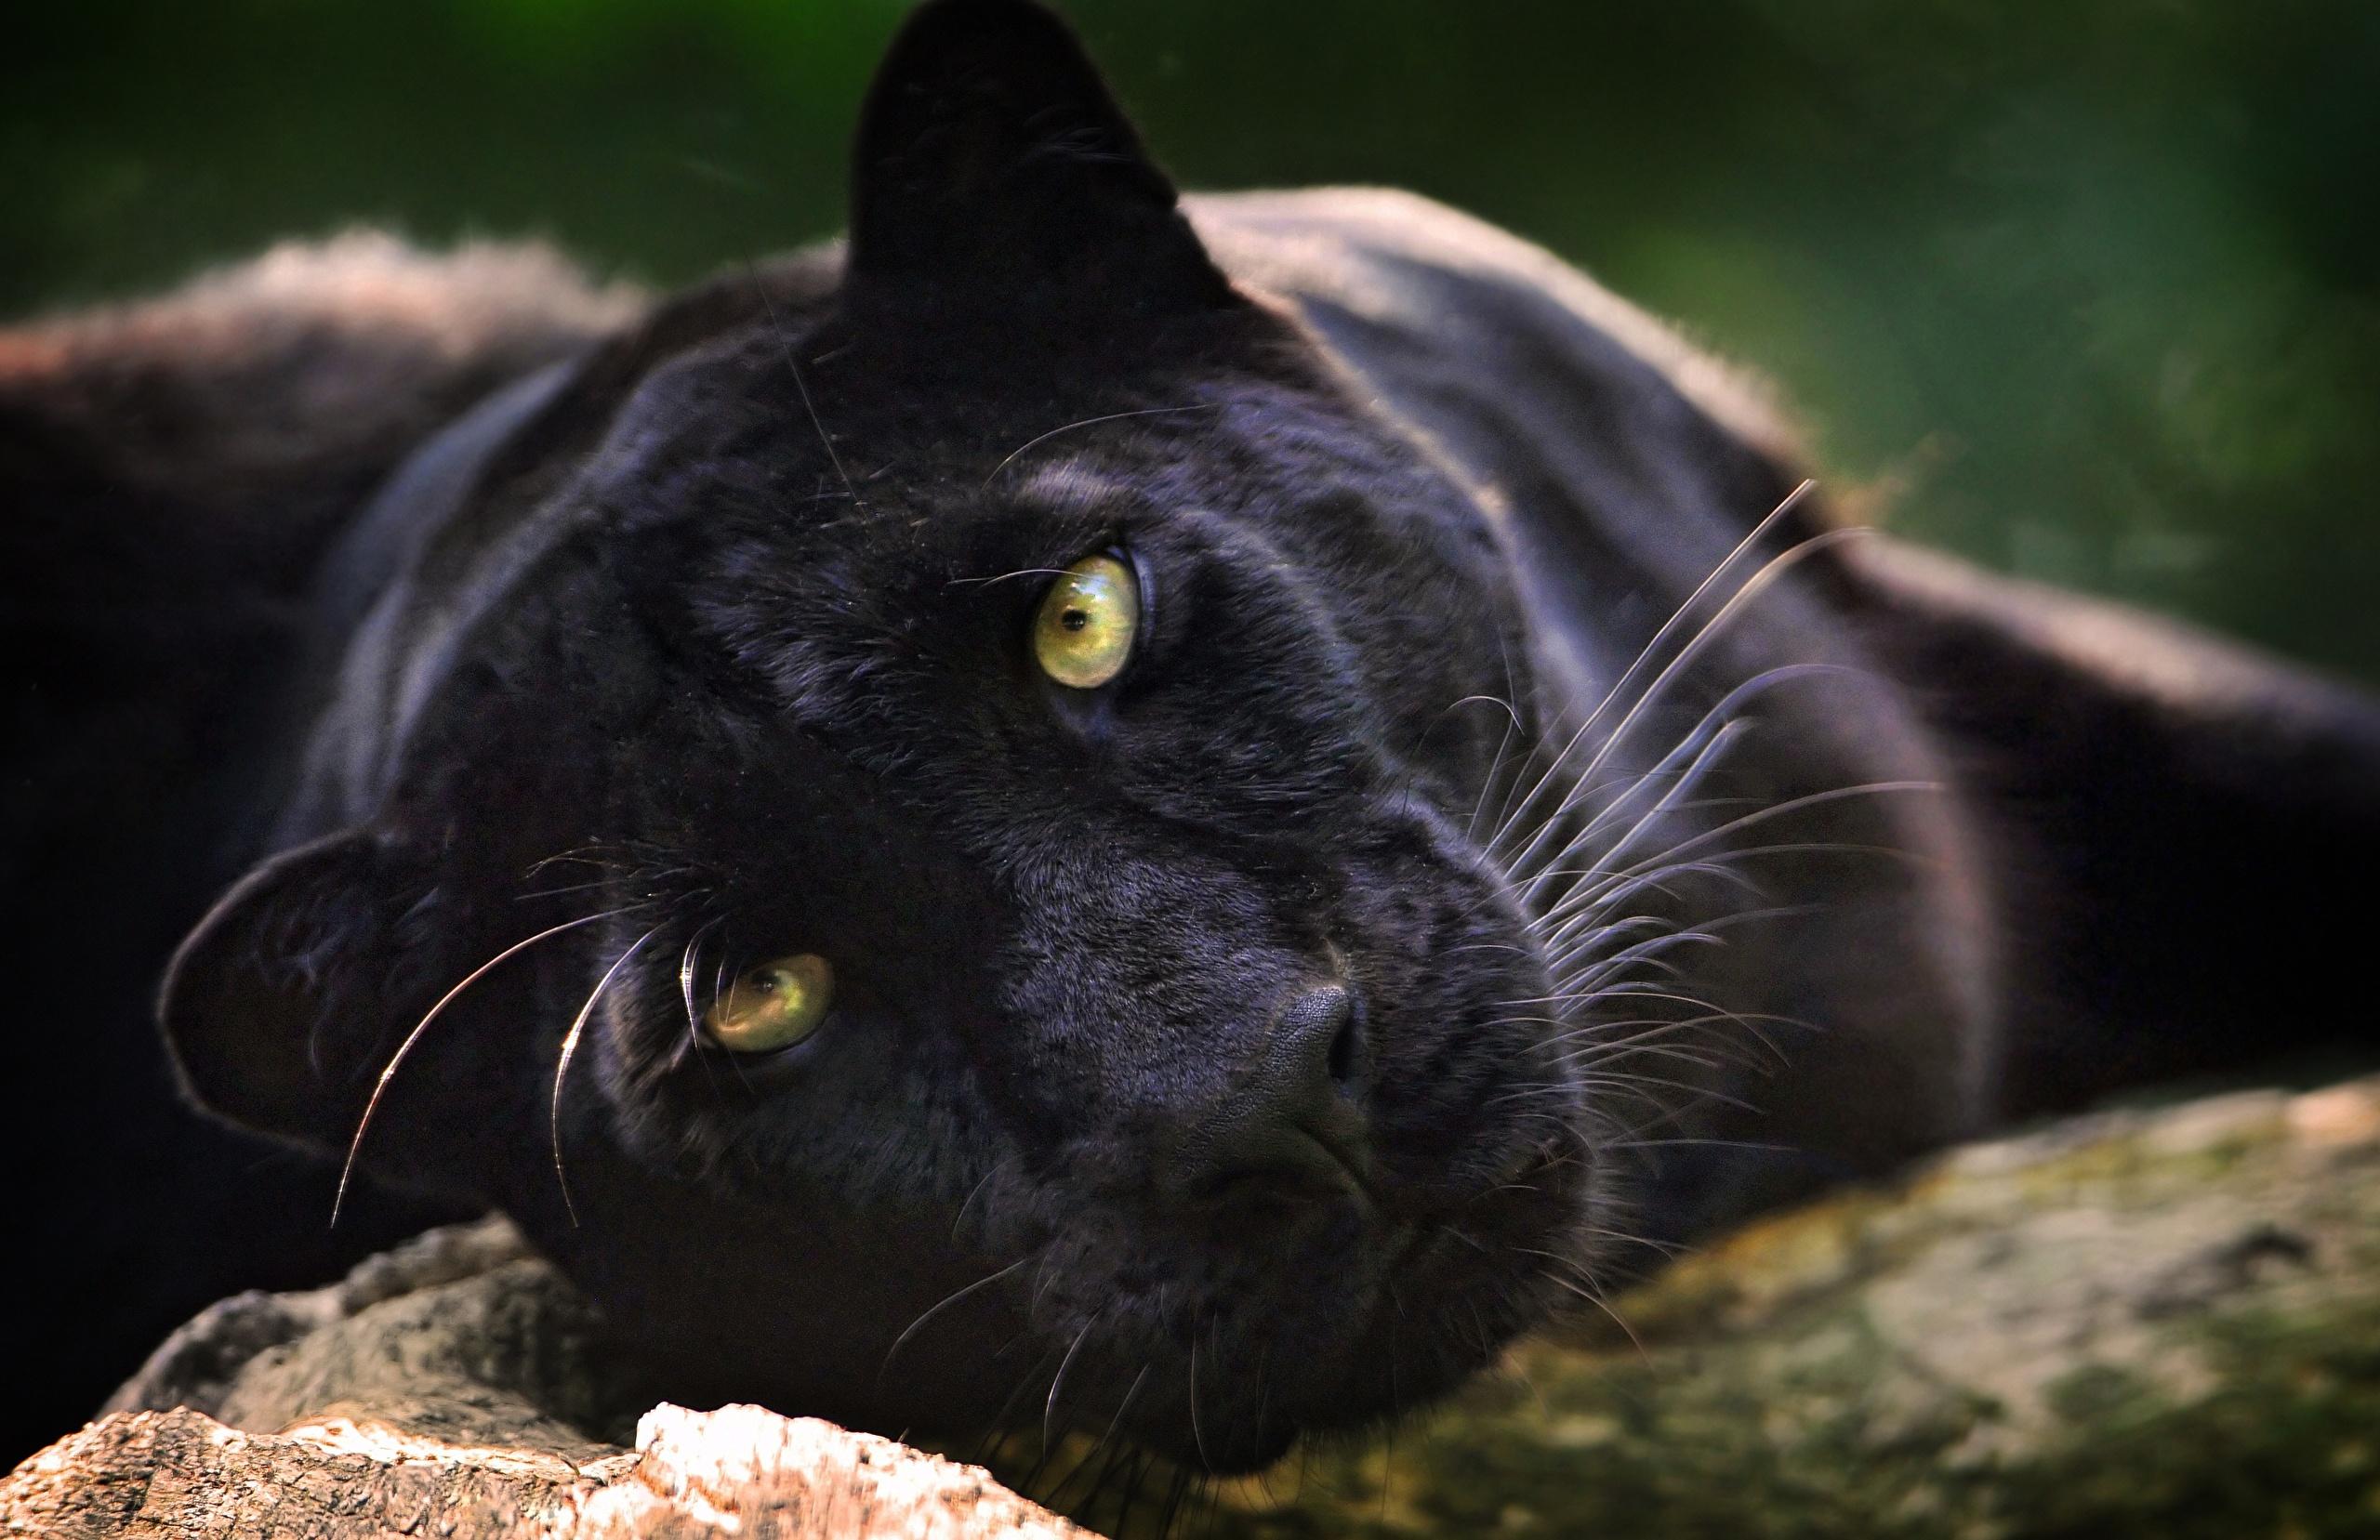 черный кот природа животные black cat nature animals скачать